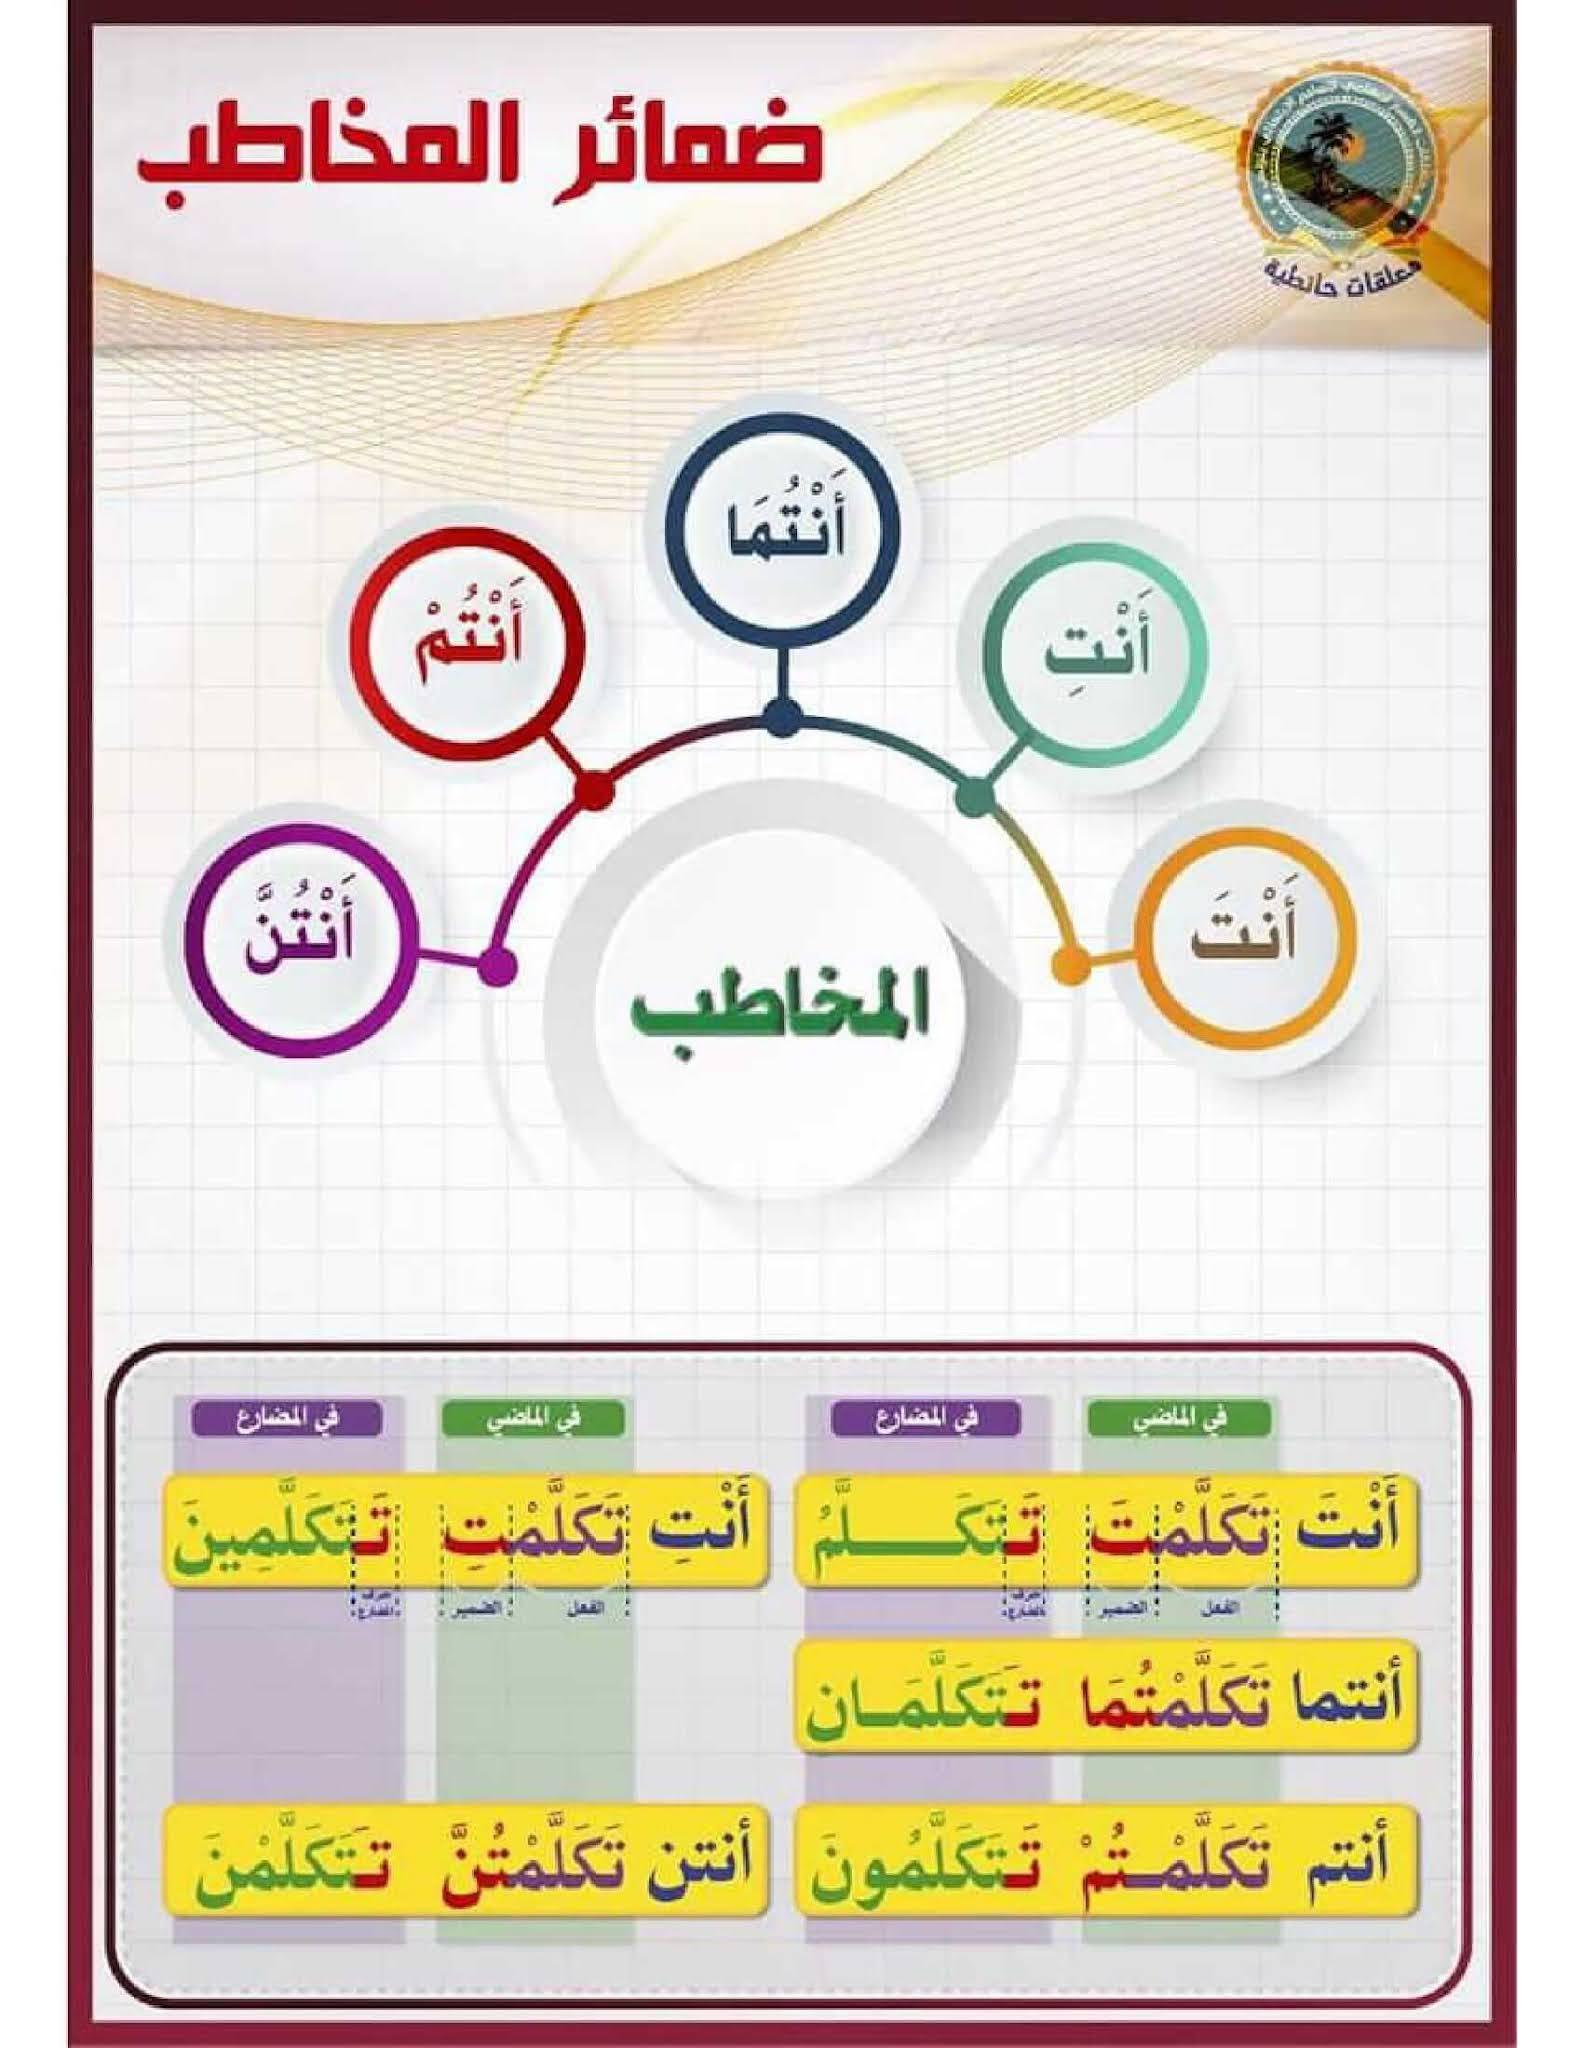 لوحة تعليمية ضمائر المخاطب pdf